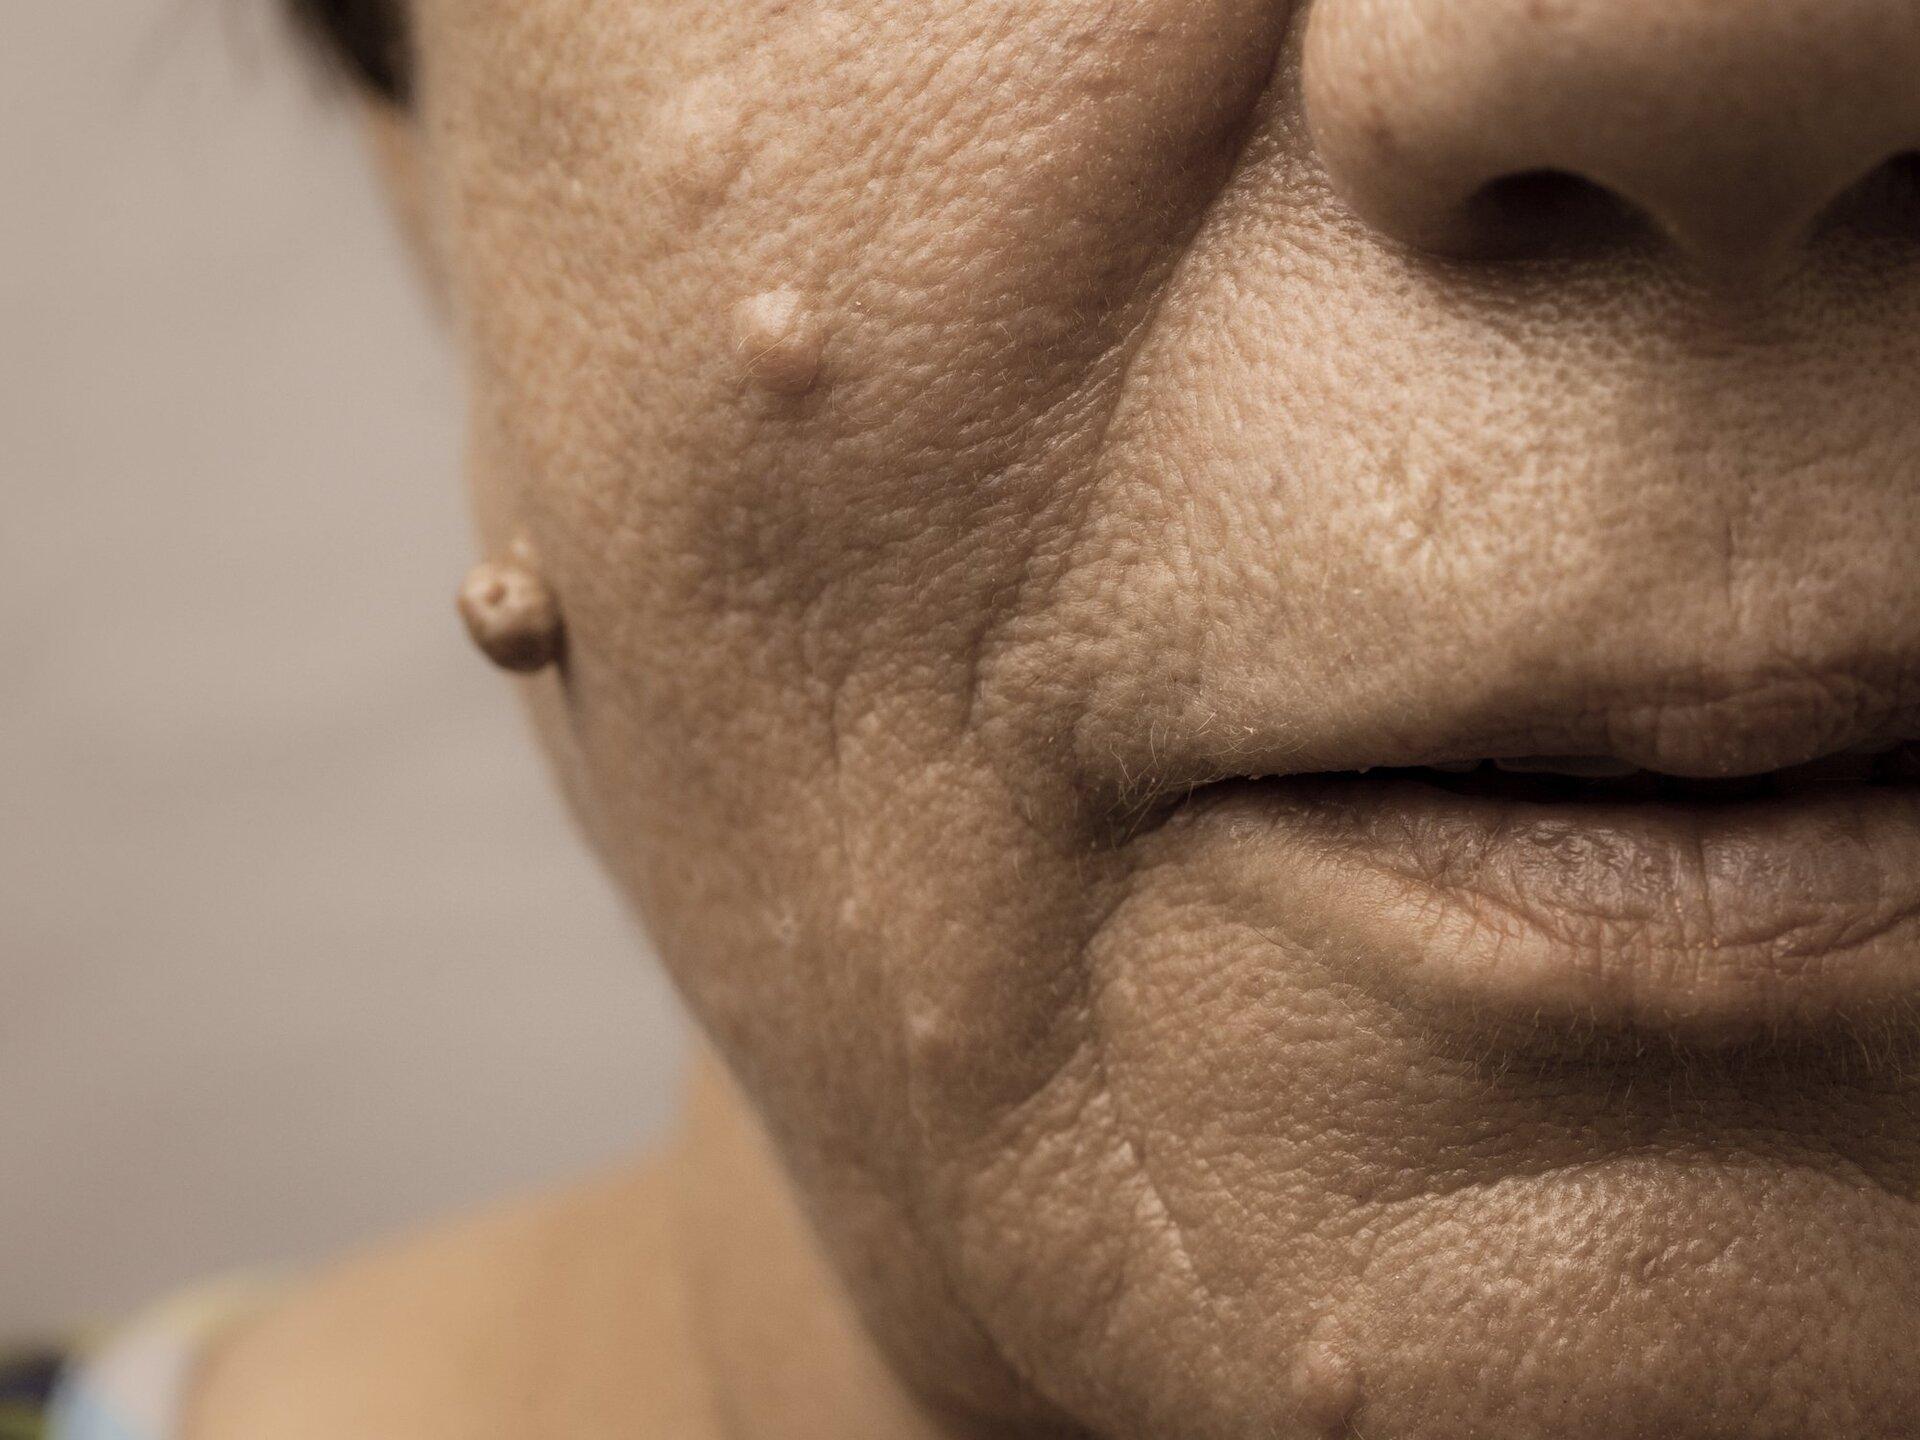 Mulher idosa com rugas e verrugas